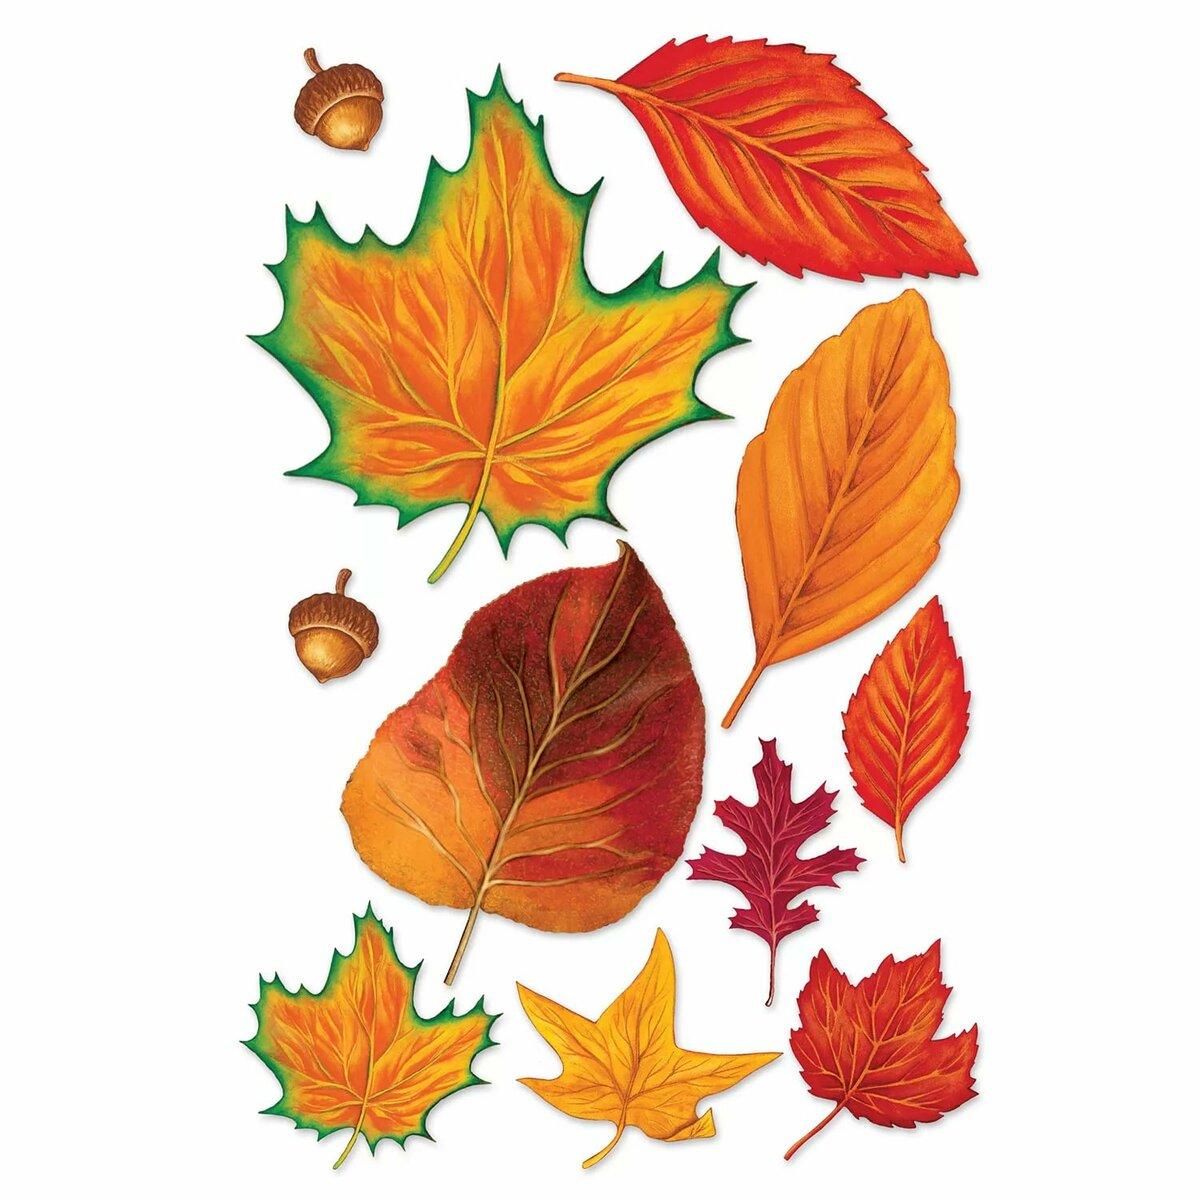 картинки листьев для вырезания распечатать цветные сегодня нас ожидает